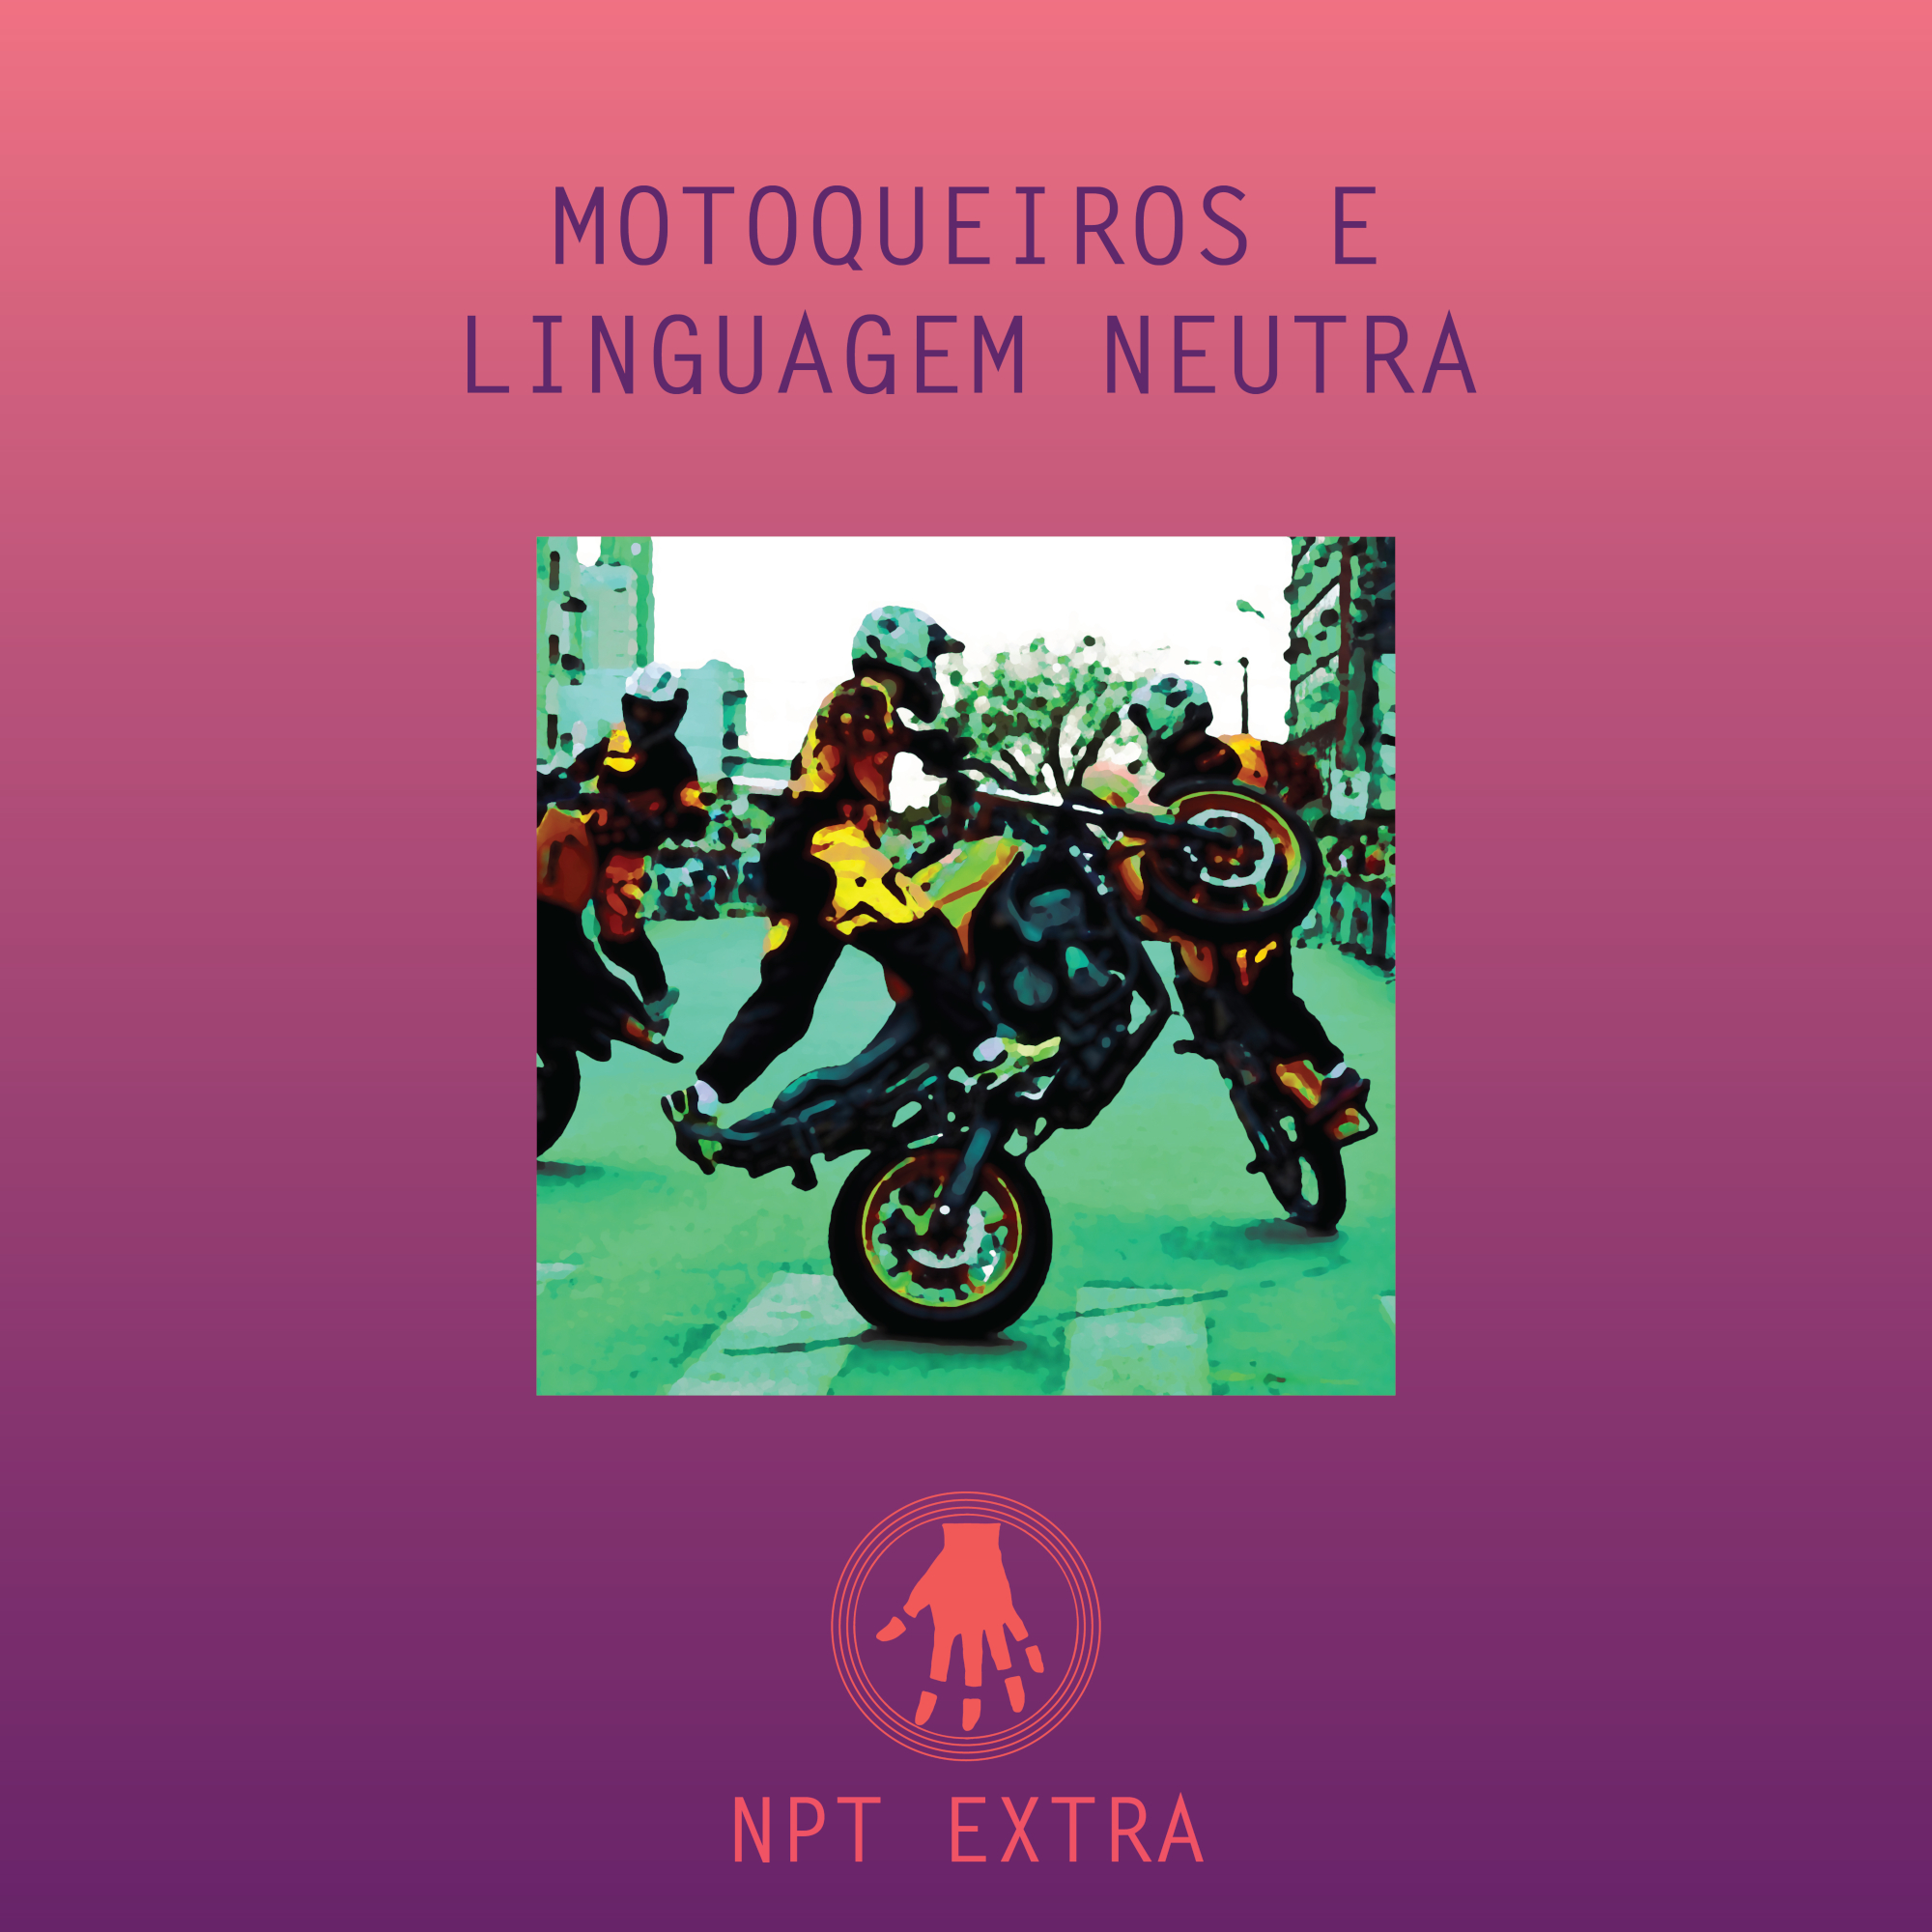 Imagem de capa. Podcast. Motoqueiros. Linguagem Neutra.